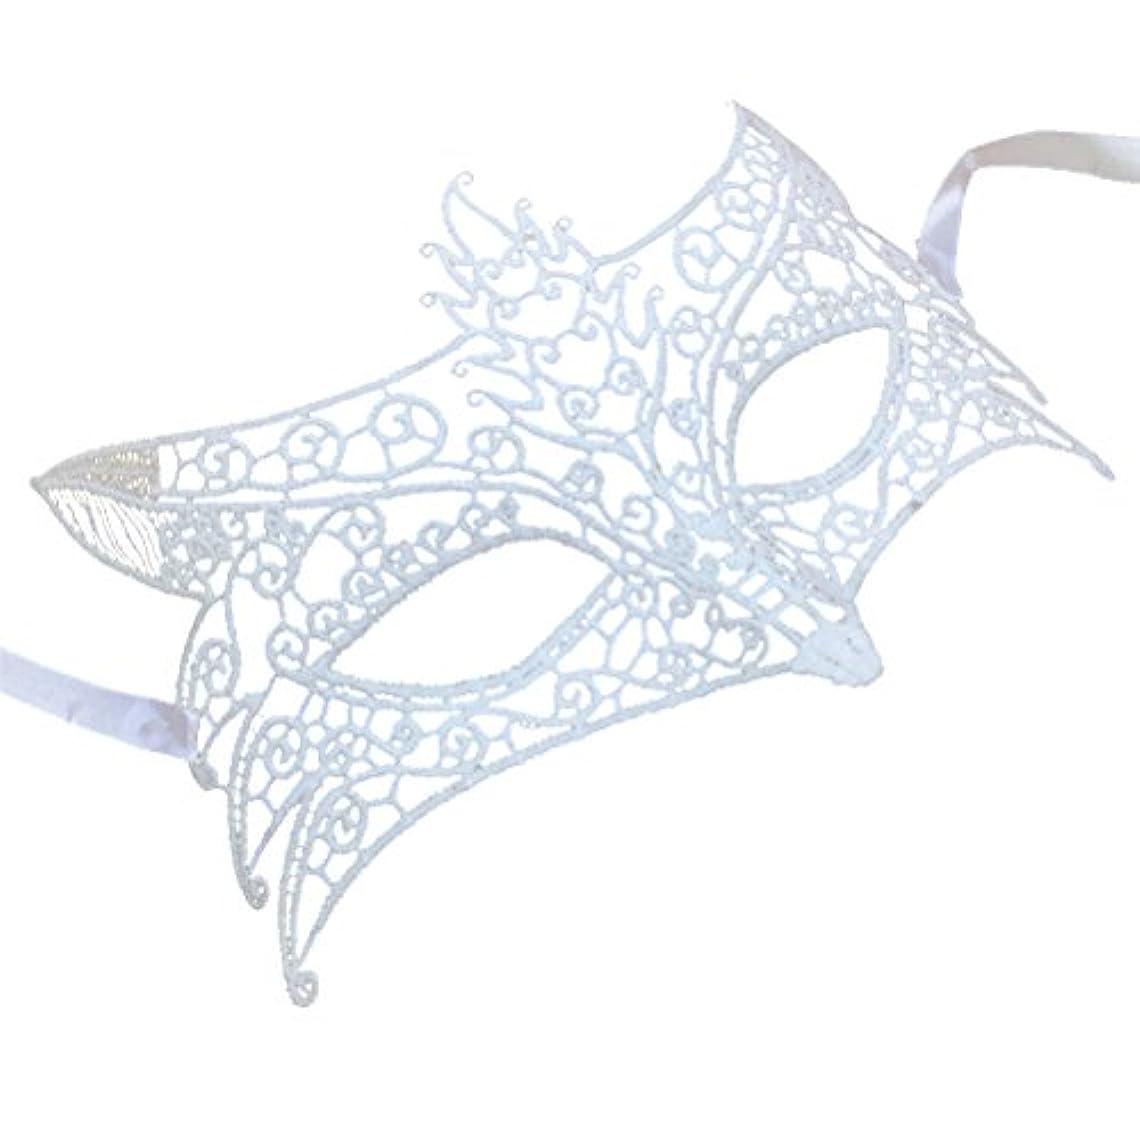 画家ビット時間AMOSFUN キツネの形をしたレースパーティーマスクイブニングパーティーウエディングマスカレードマスク(ホワイト)